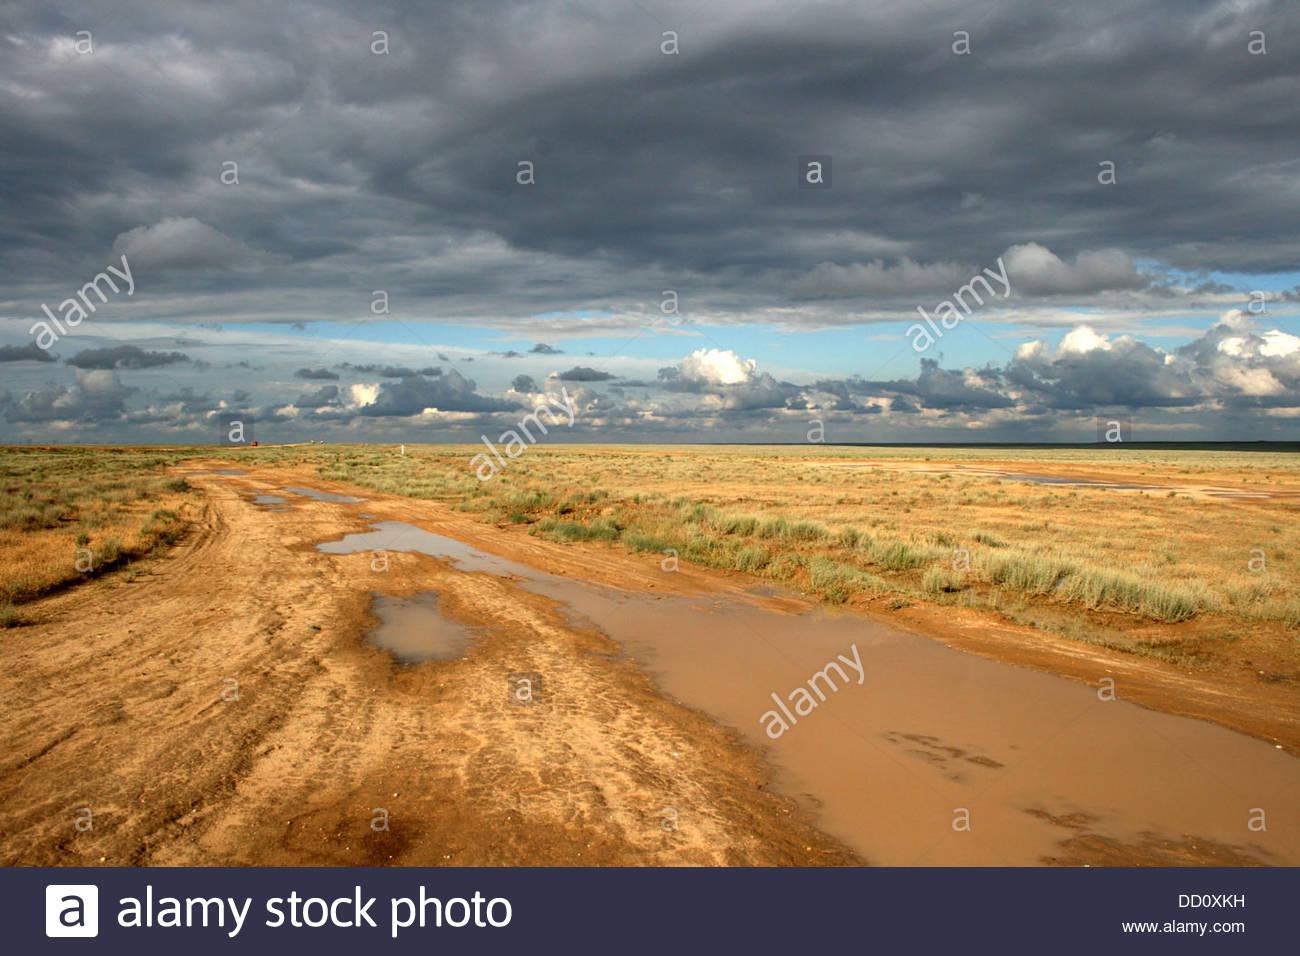 Kazakstan Ustyurt Plateau landscape - Stock Image